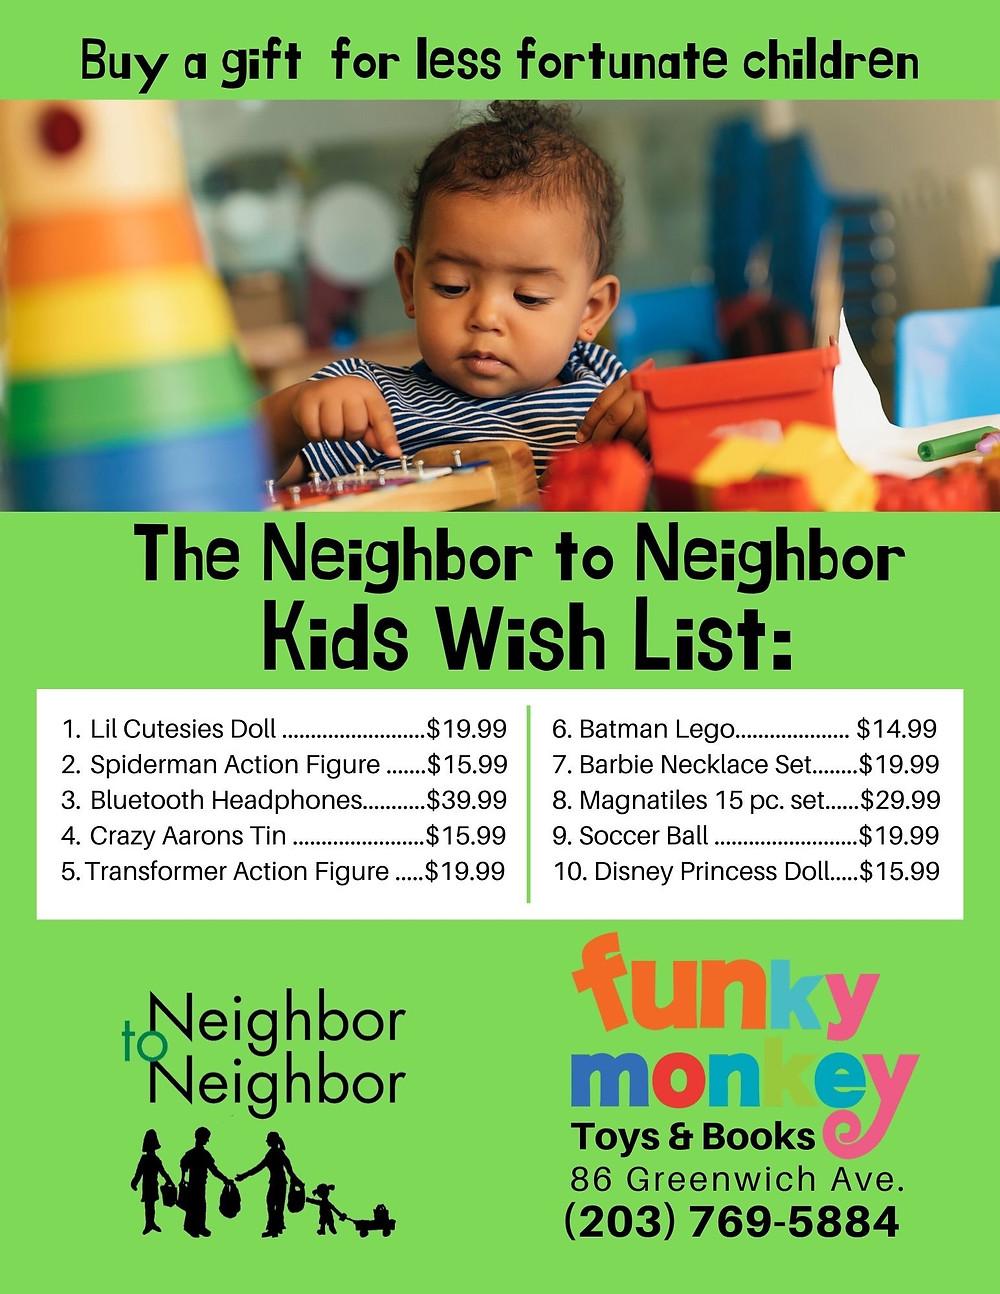 Neighbor to Neighbor Kids Wish List for Christmas 2019